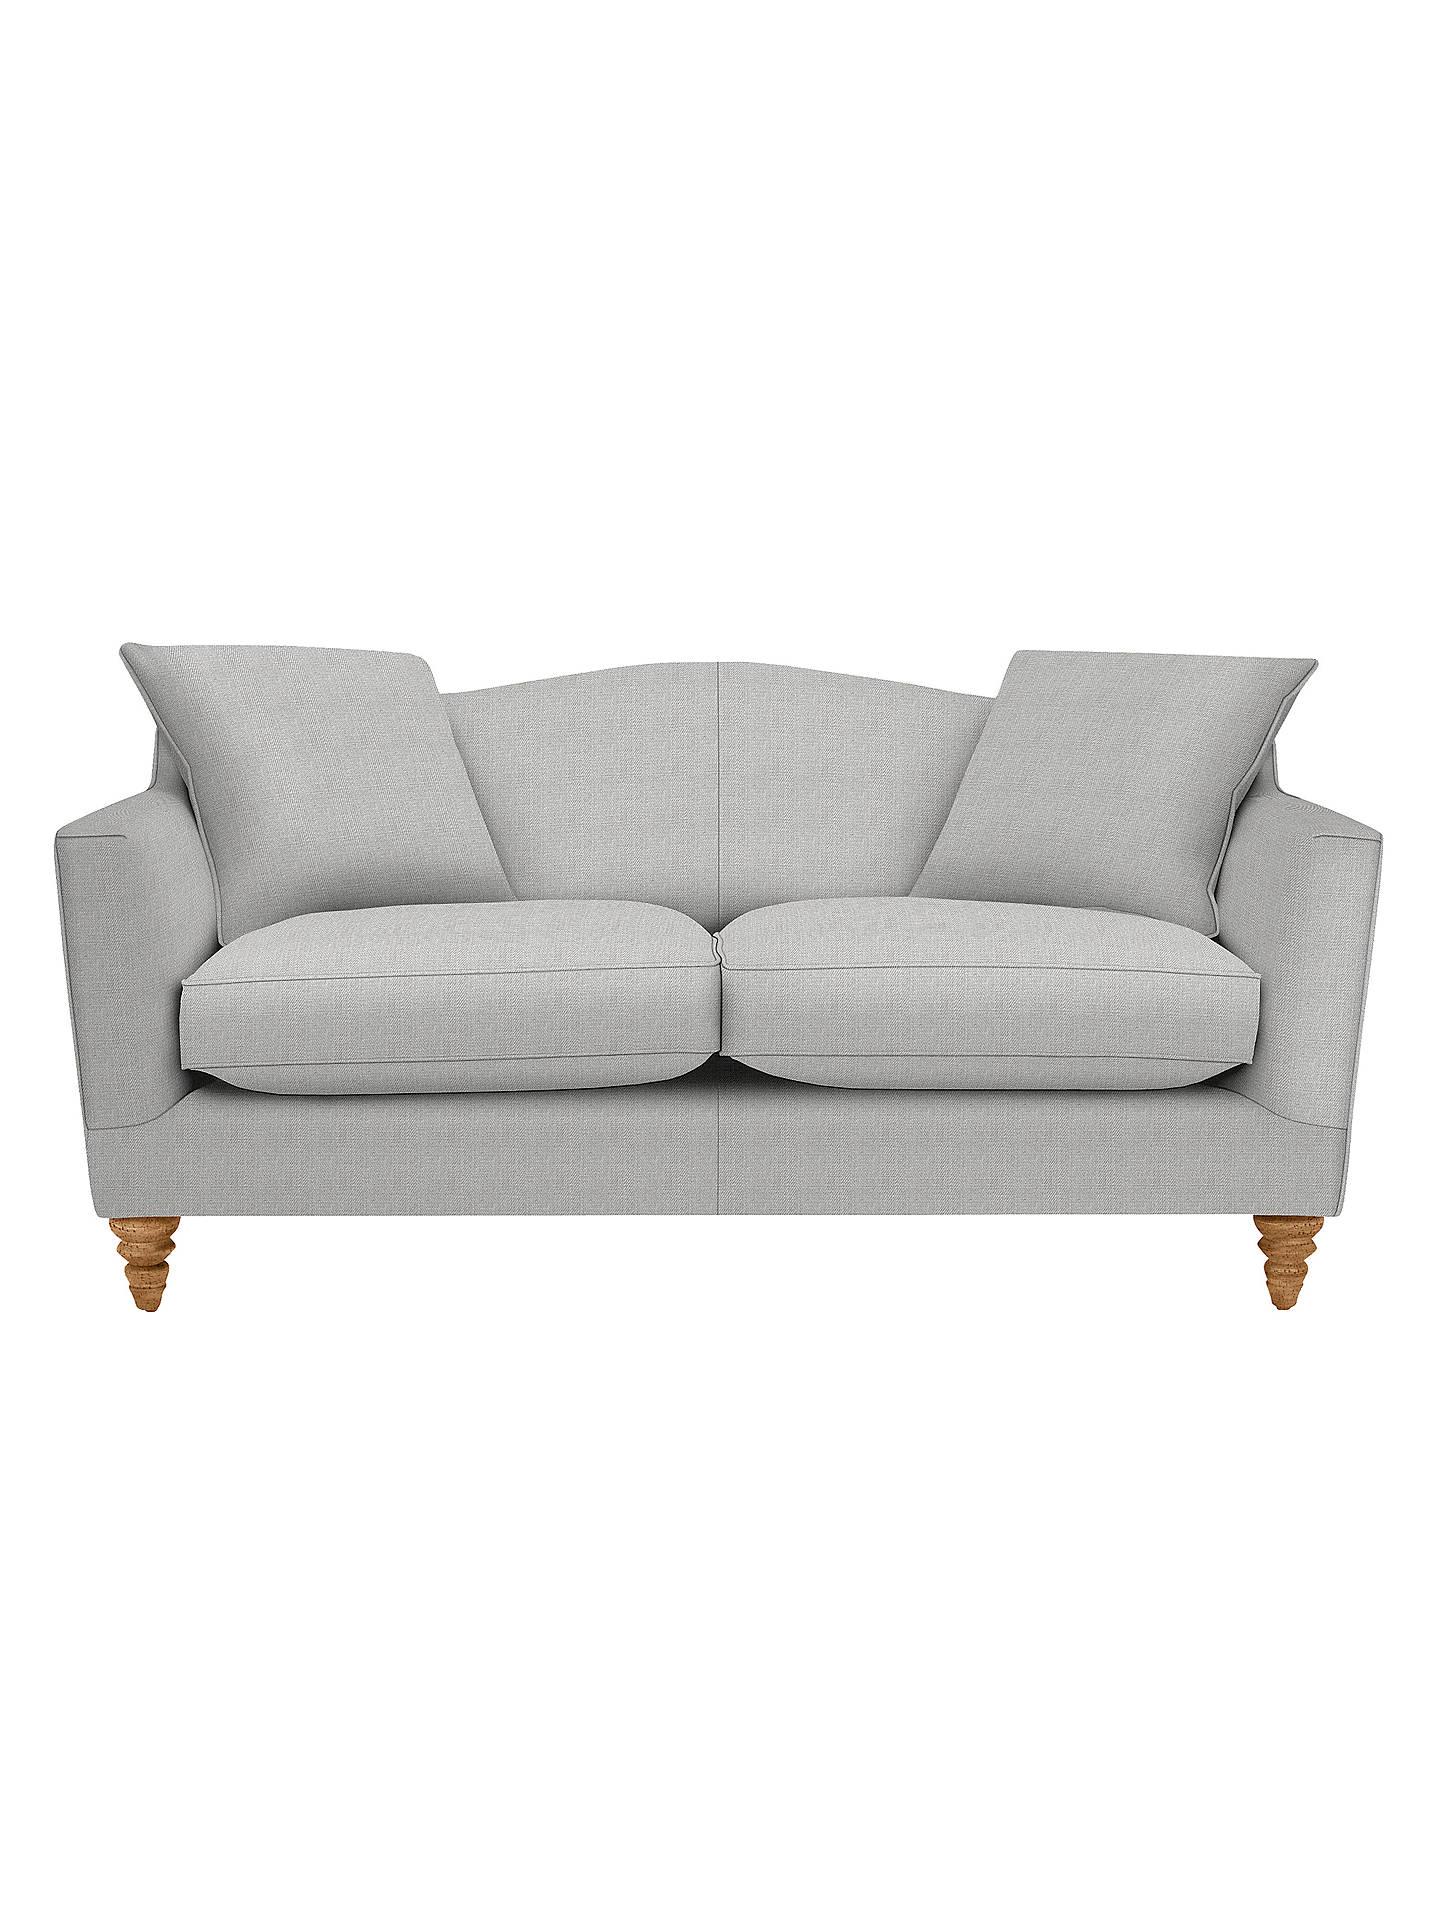 John Lewis Croft Collection Melrose Medium 2 Seater Sofa Darwen French Grey Online At Johnlewis